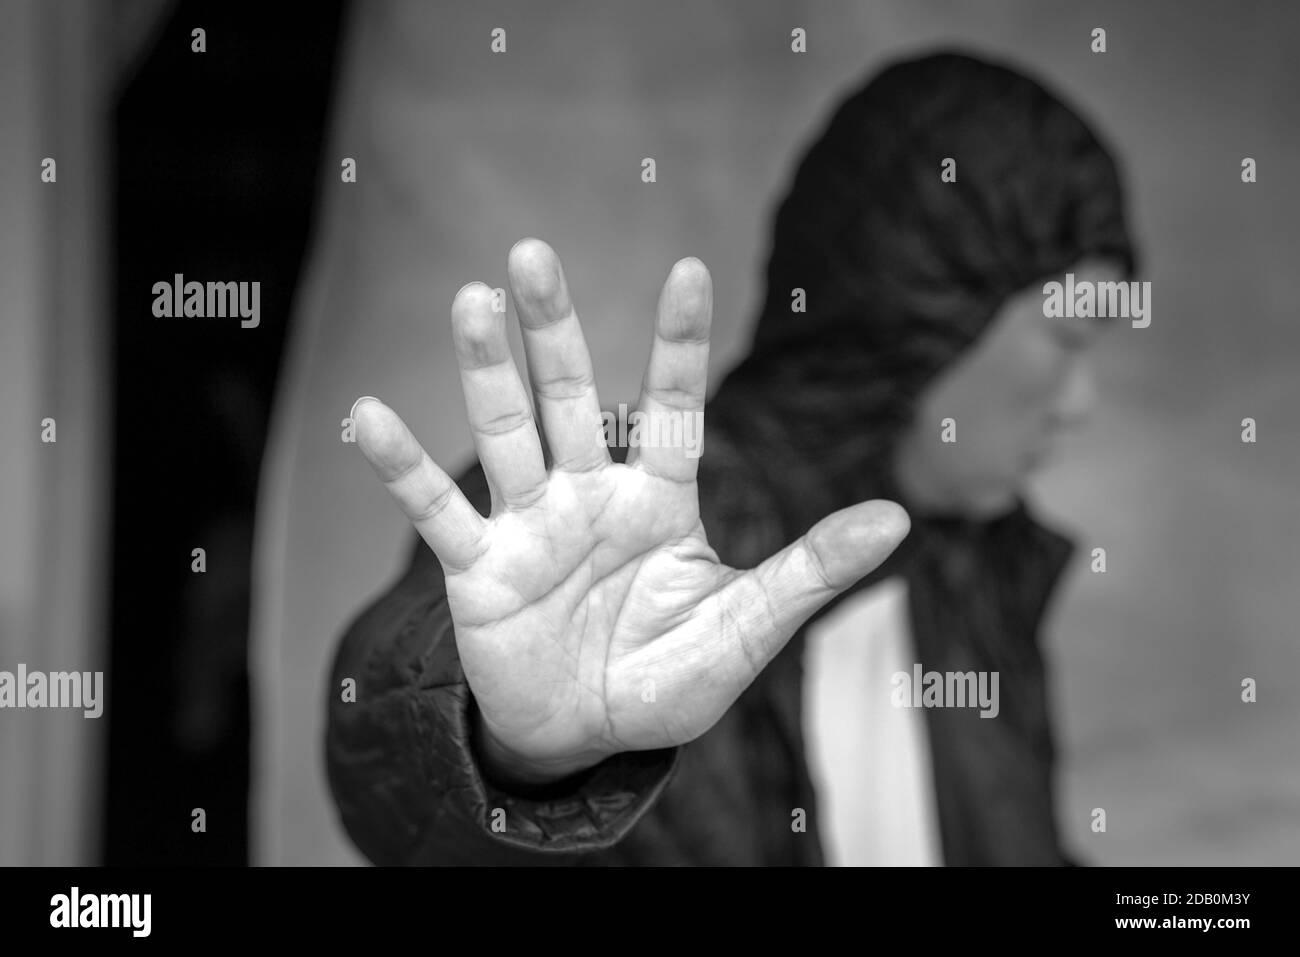 Concept de santé mentale. Un homme déprimé agitant la main pour pousser ou refuser de l'aide. Banque D'Images